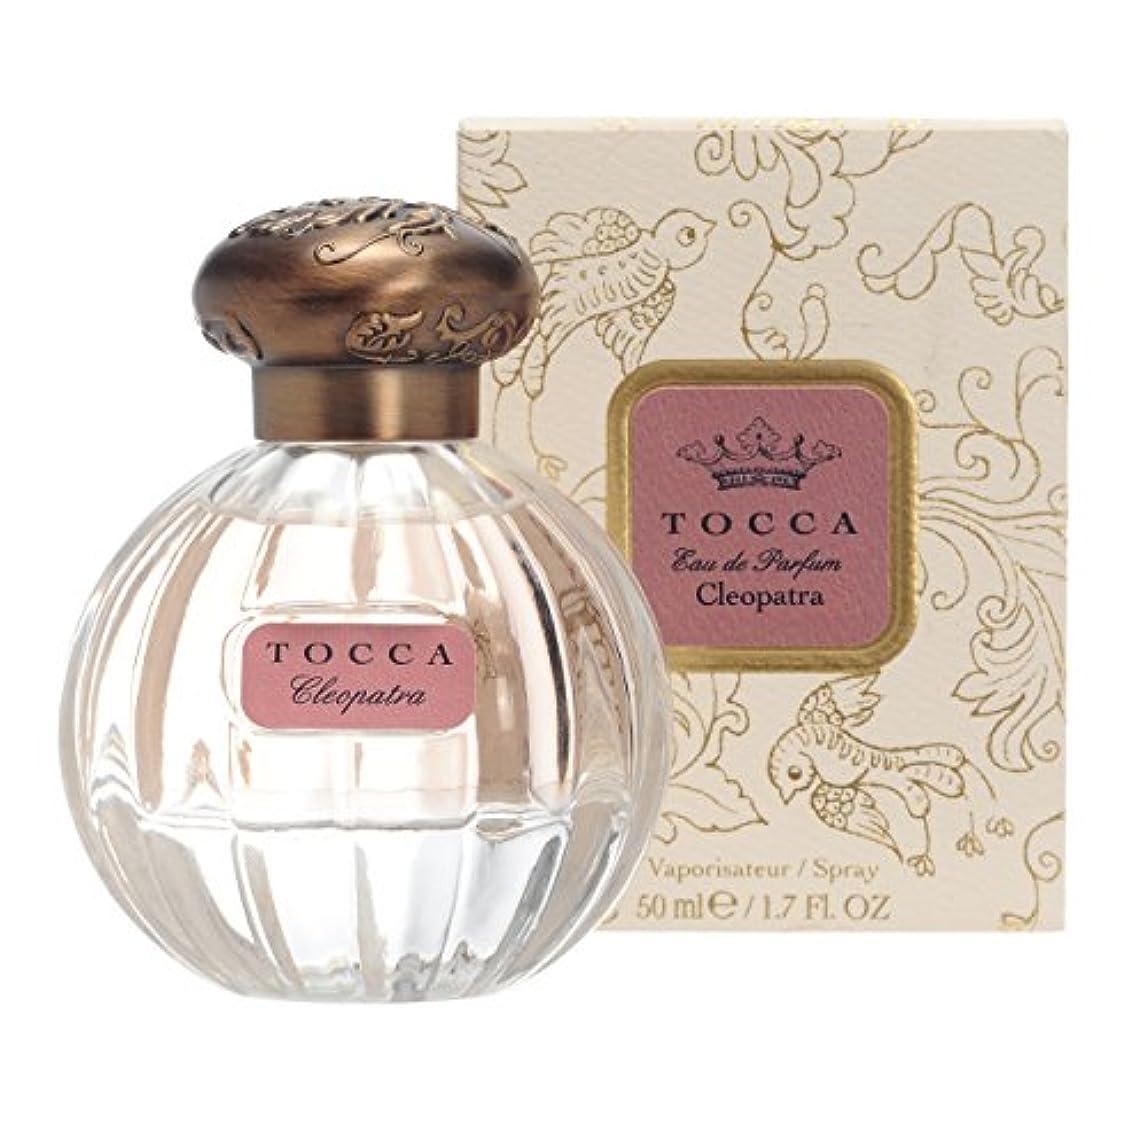 トッカ(TOCCA) オードパルファム クレオパトラの香り 50ml(香水 グレープフルーツとホワイトジャスミンの魅惑的でエキゾチックな香り)